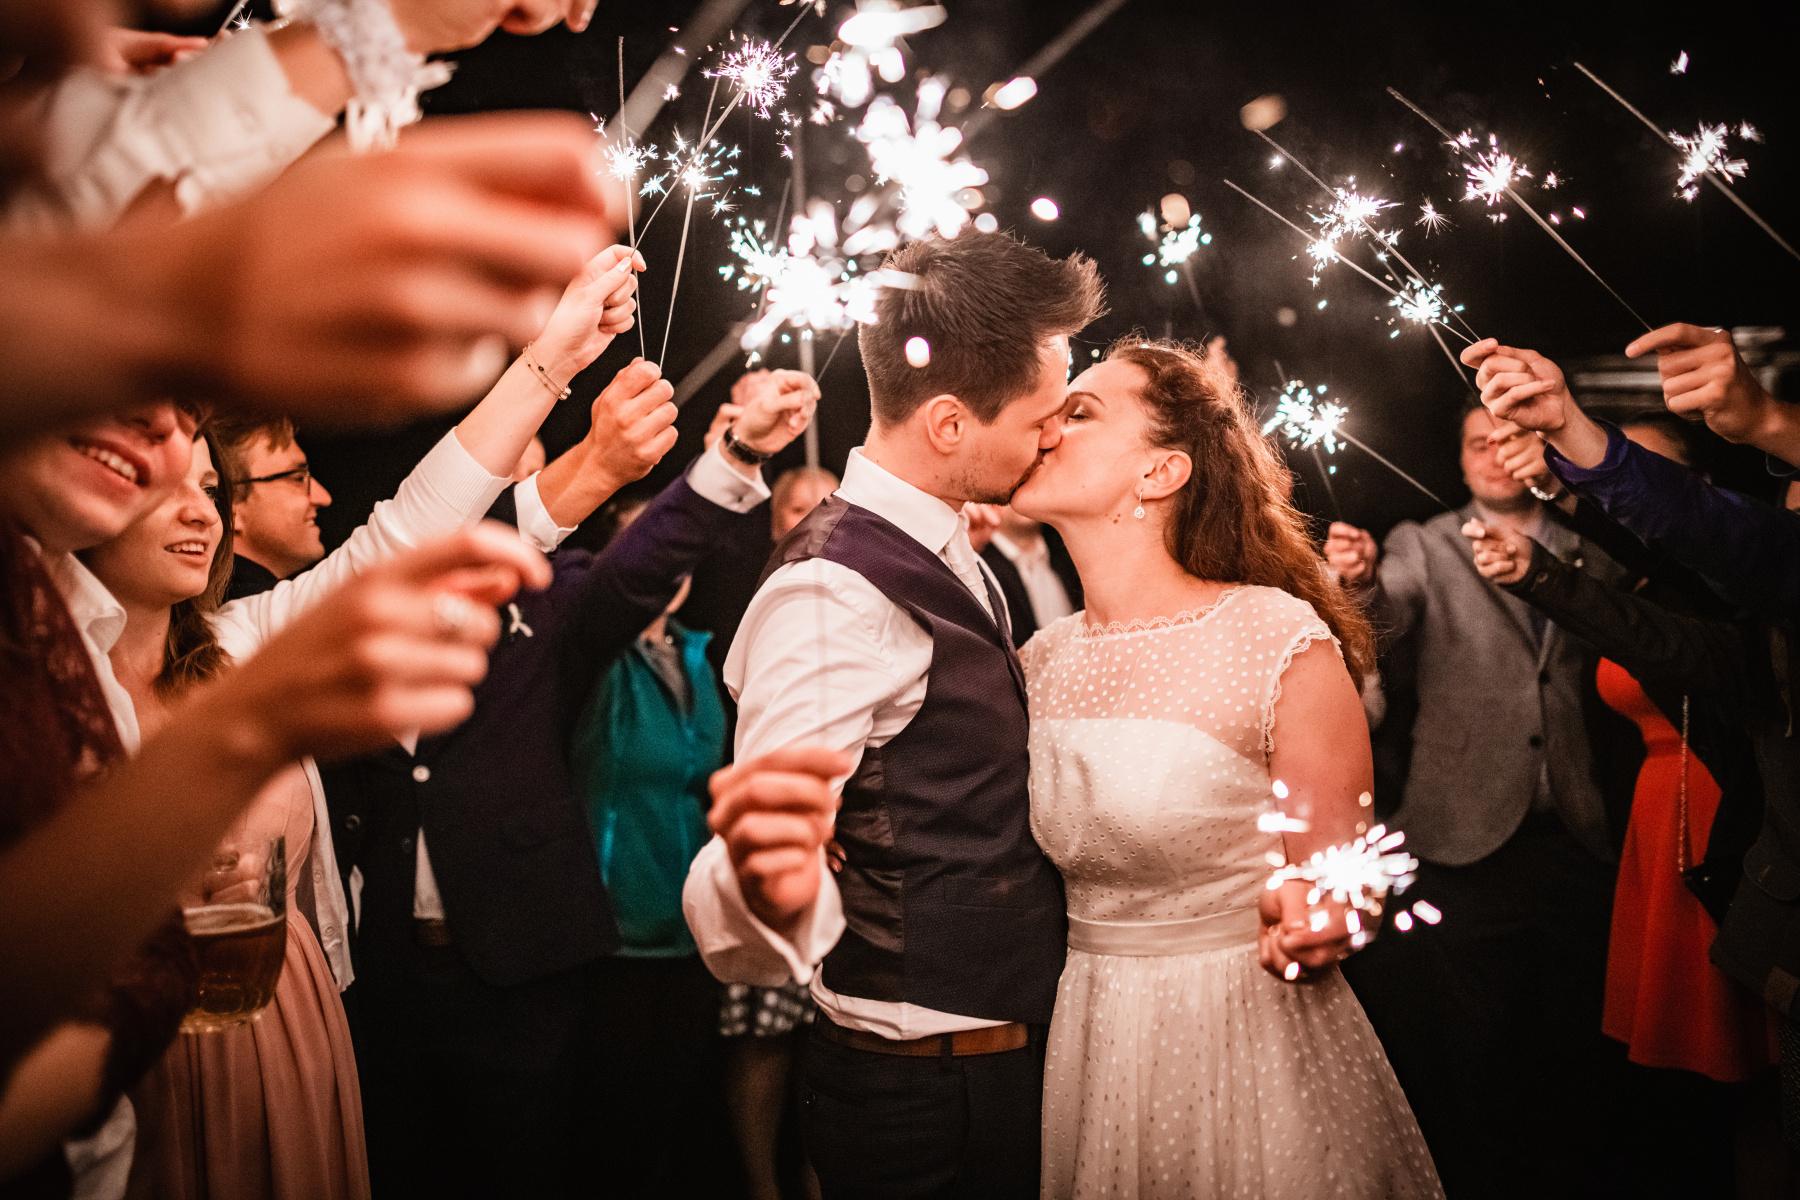 Svatební noční focení s prskavkami